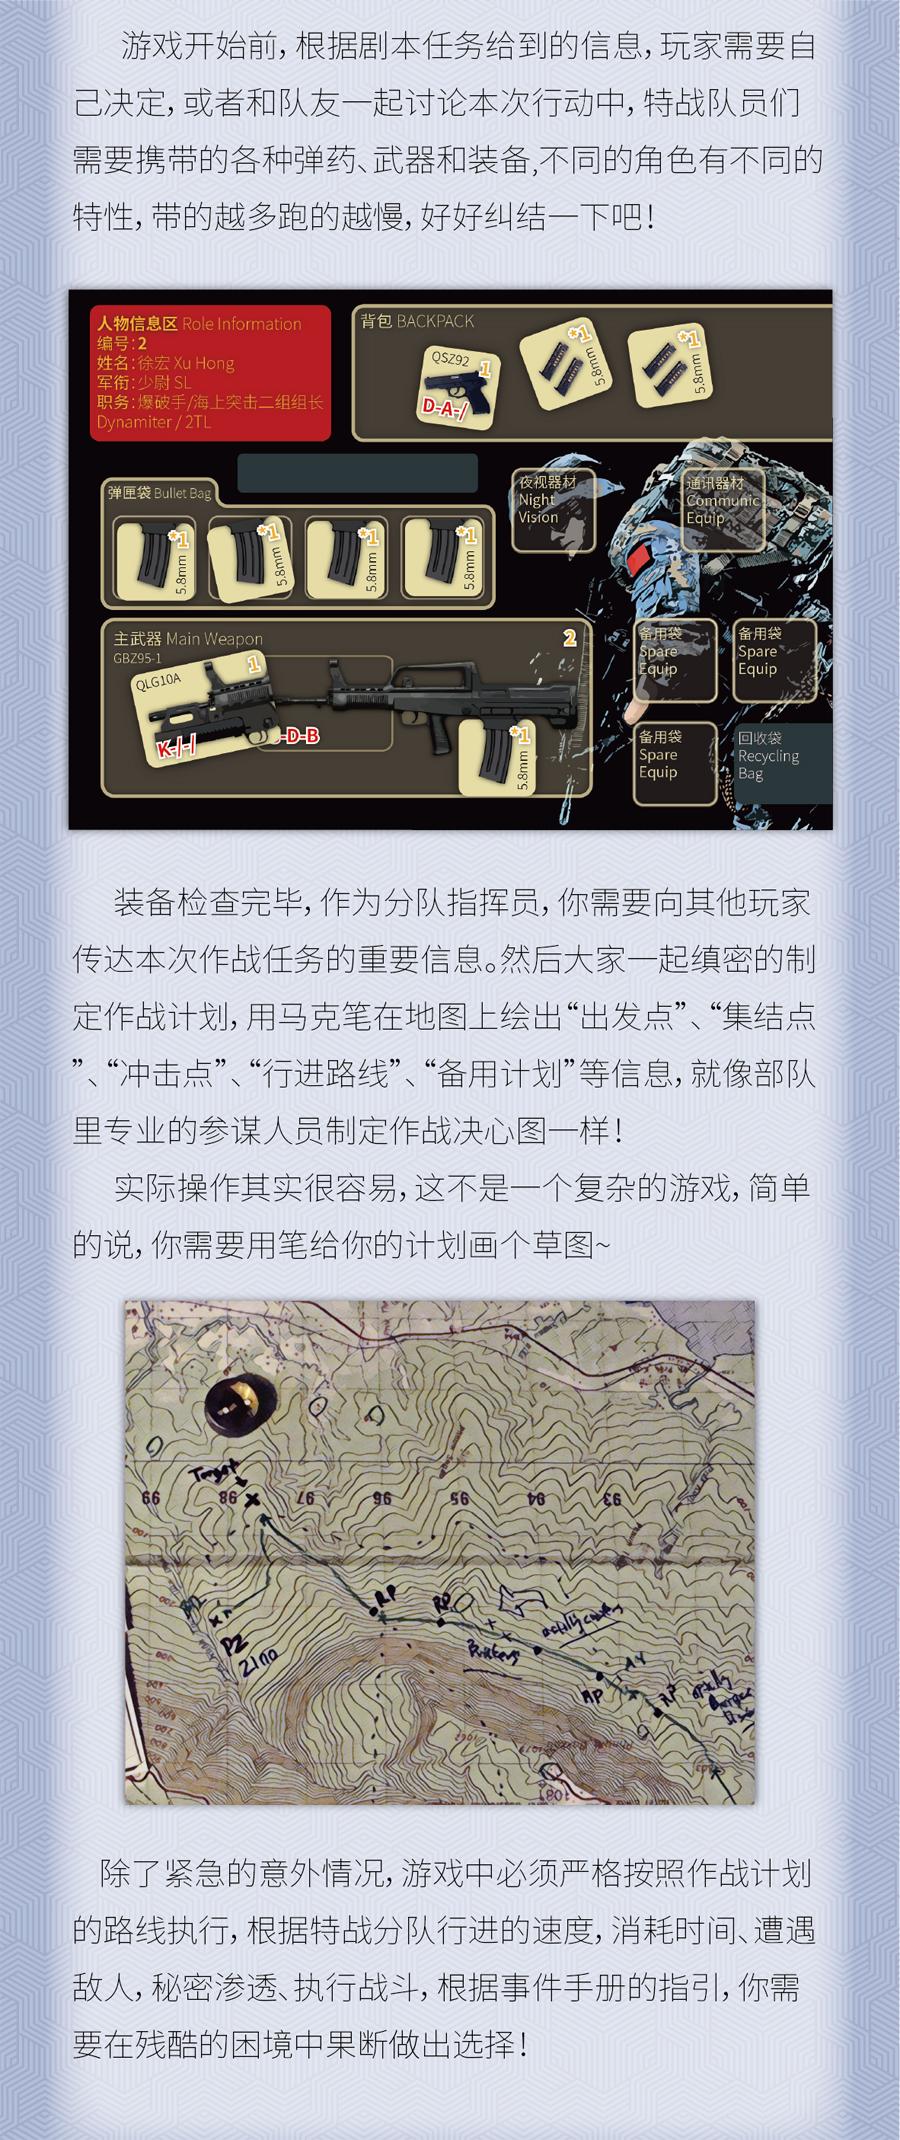 广告5.jpg